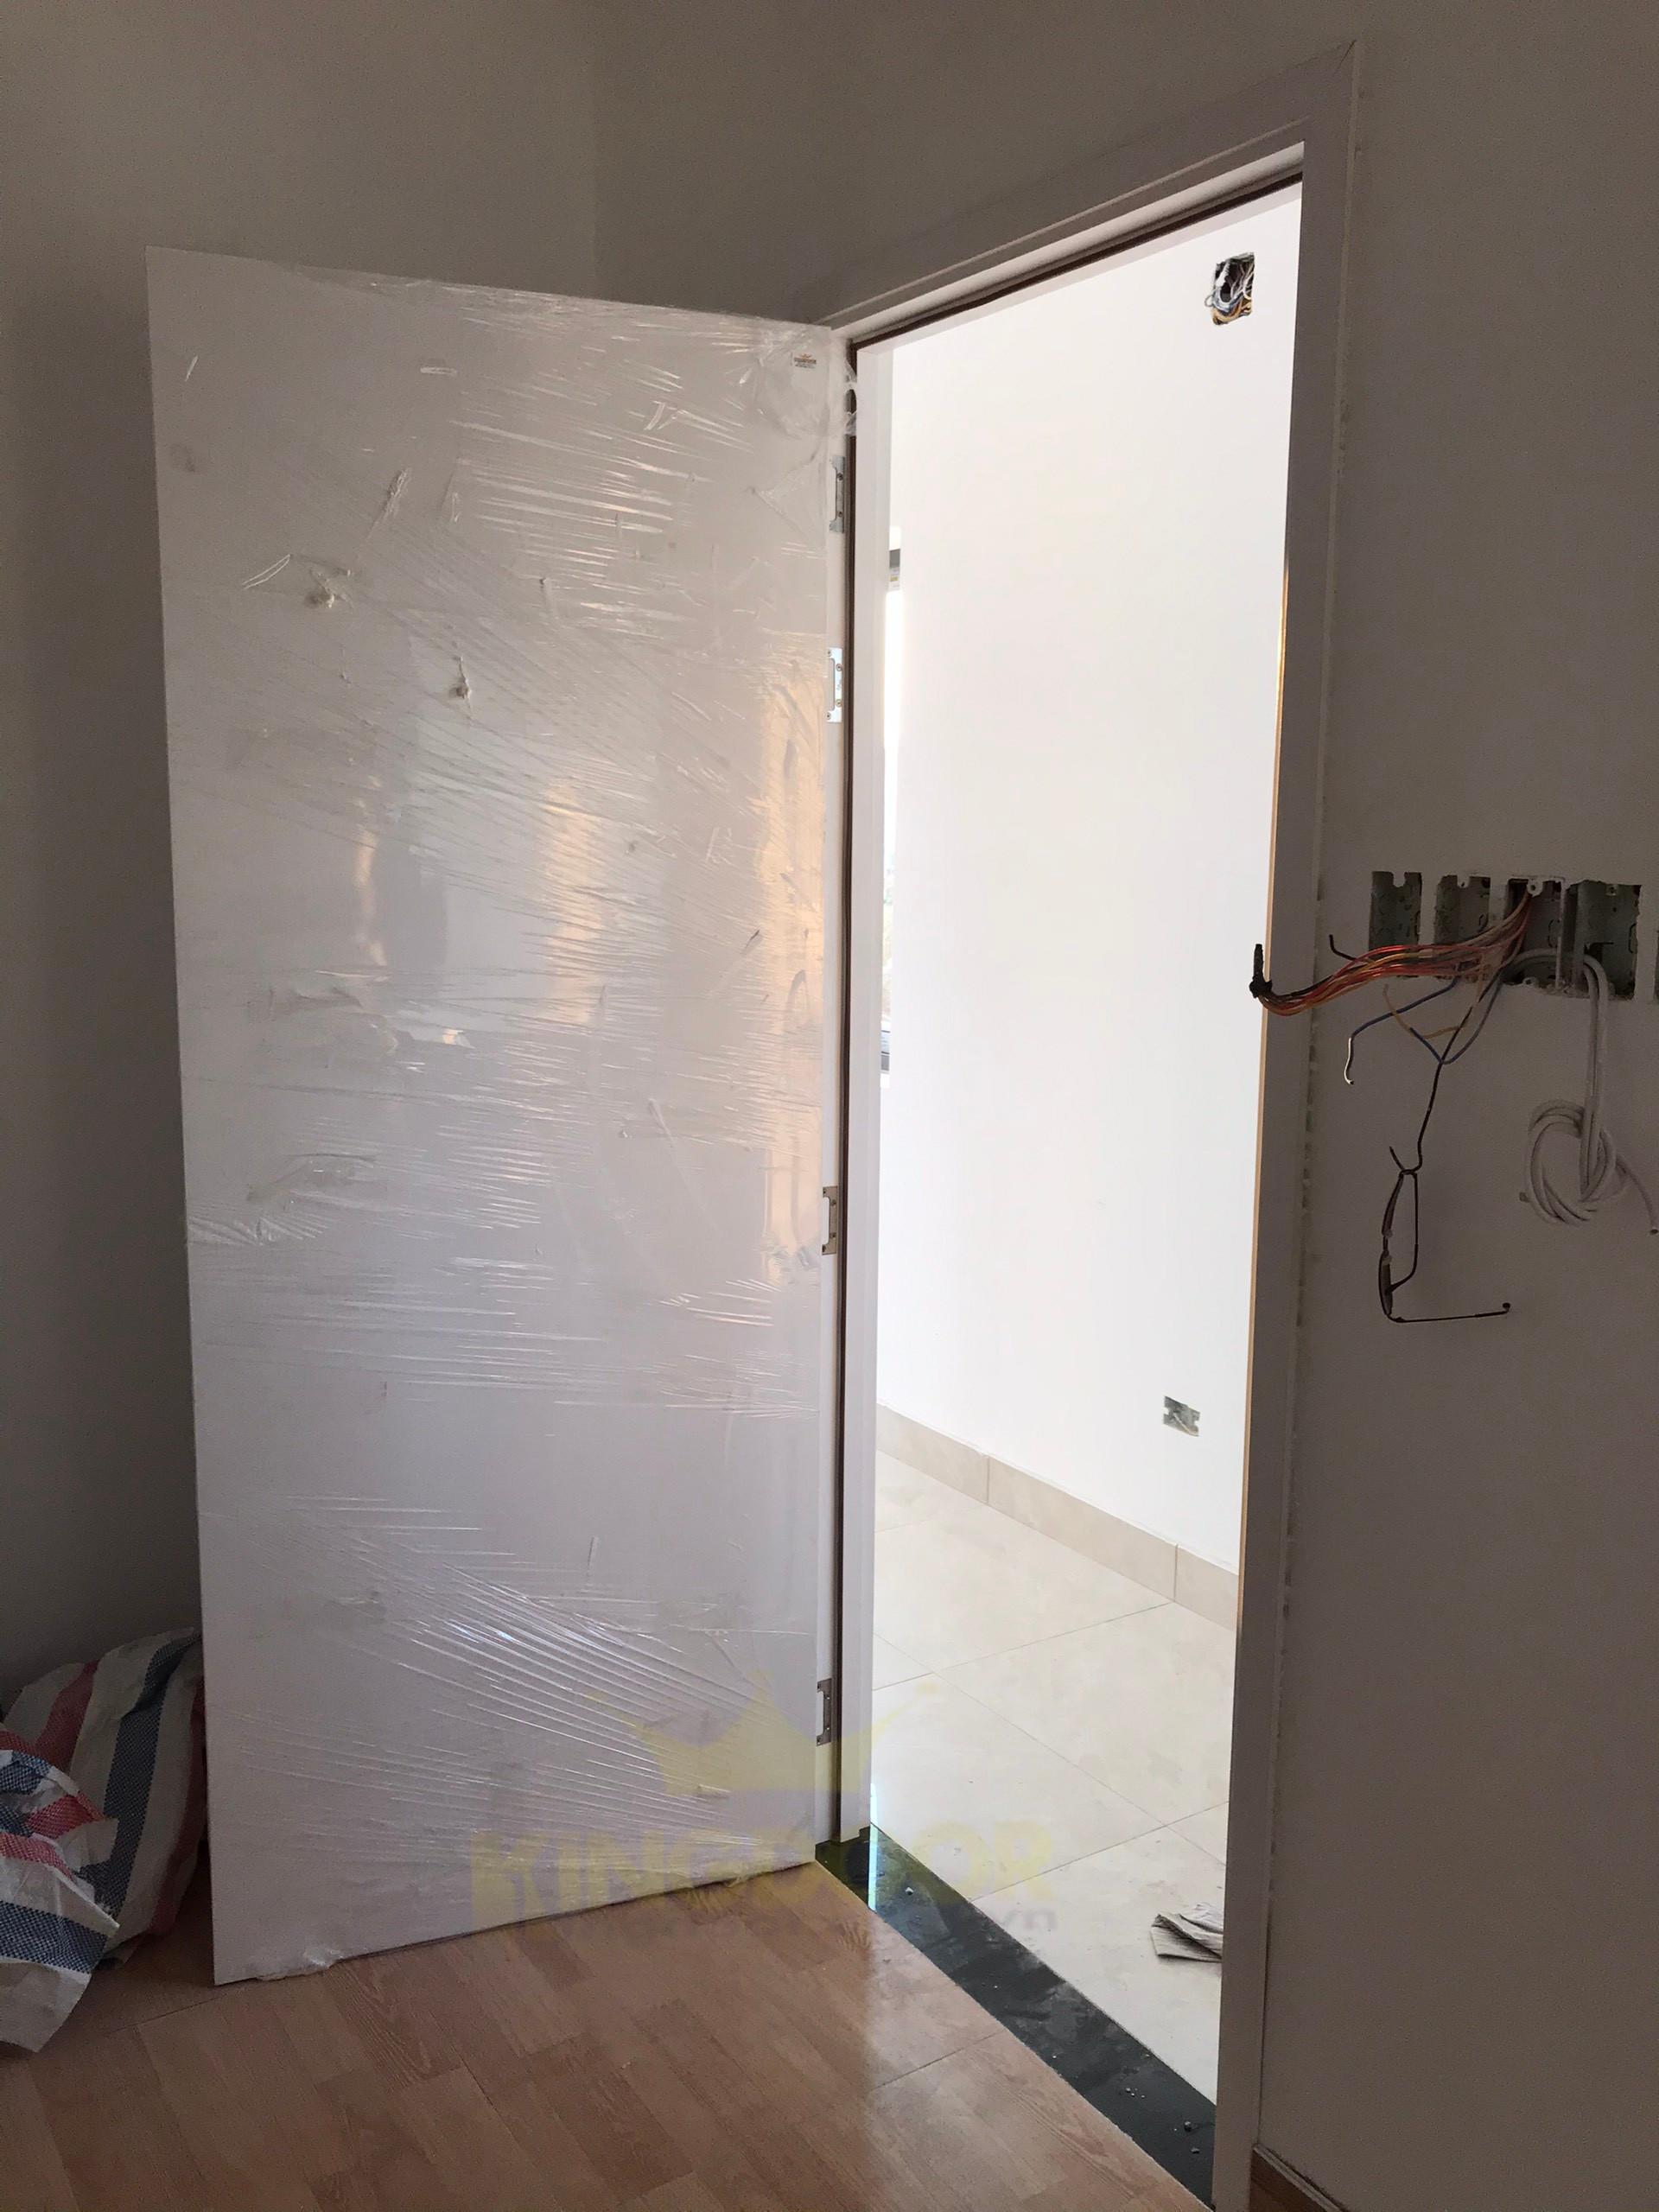 Kingdoor thi công lắp dựng mẫu cửa nhựa giả gỗ Composite tại Bình Tân.